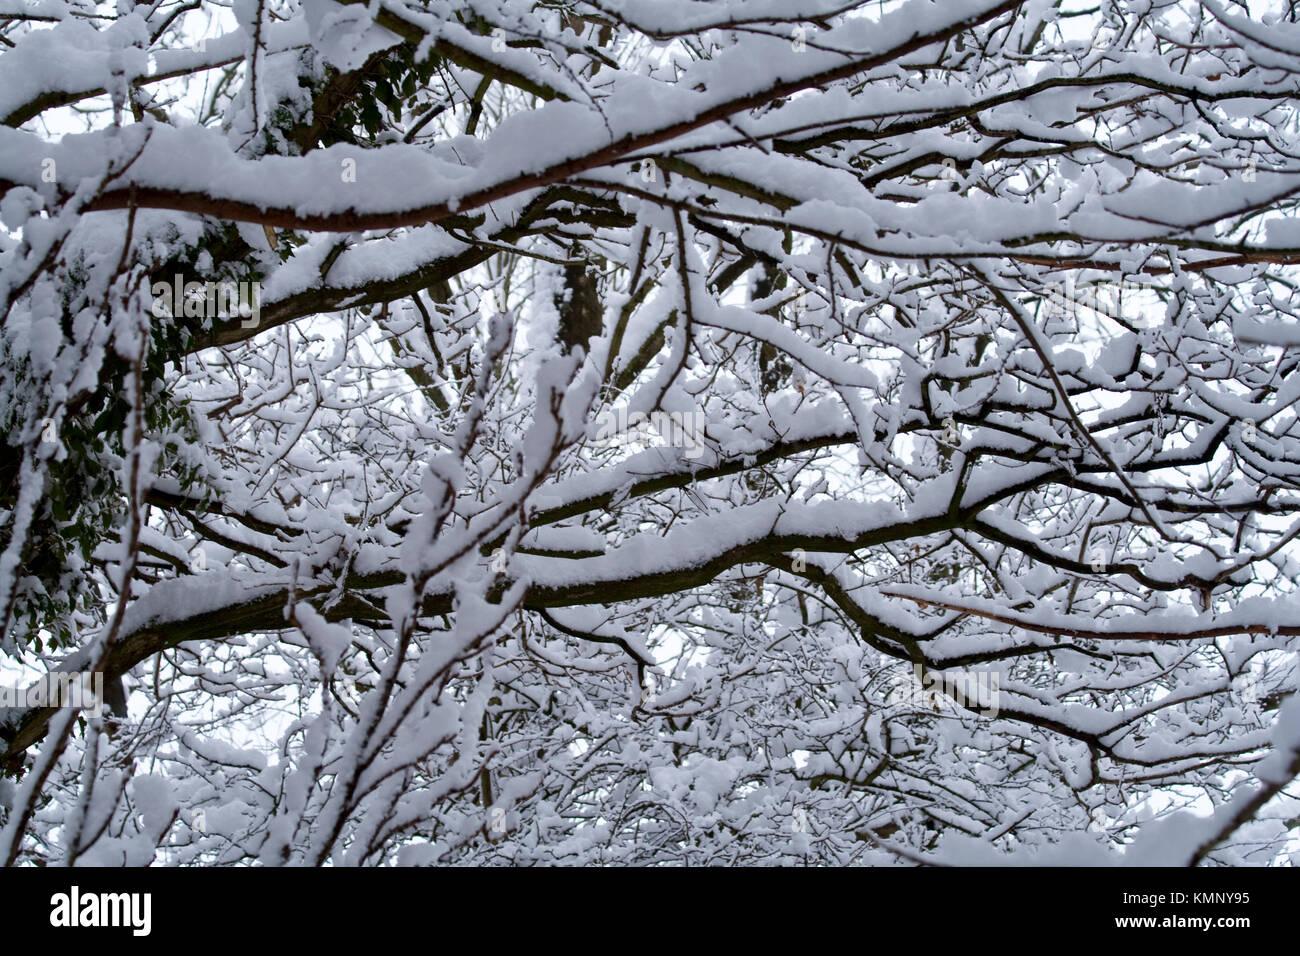 Frischer Schnee beladenen Bäumen schwere schneebedeckten Zweigen, ein abstraktes Bild von hellen und dunklen Stockbild